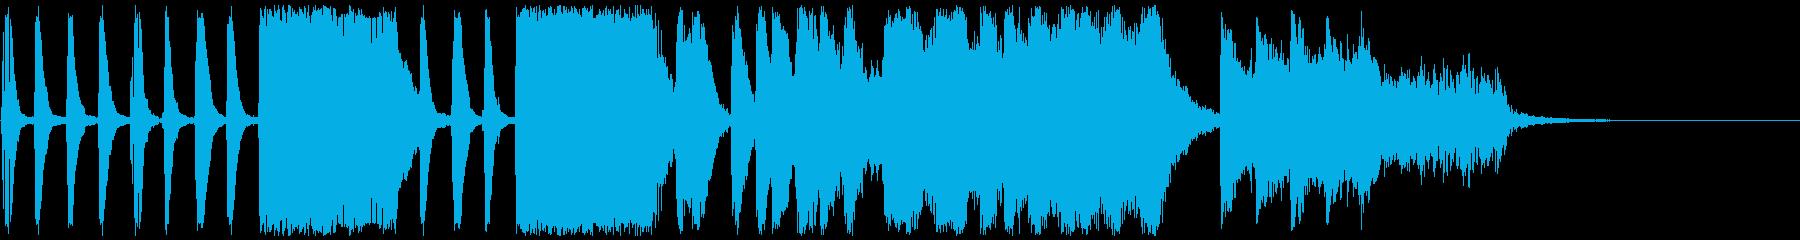 簡素な中から伝わるドキドキ感ex.verの再生済みの波形